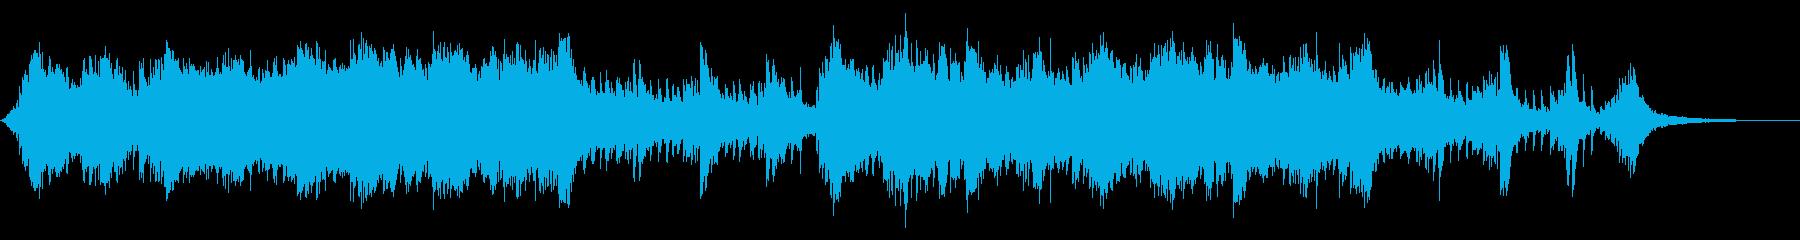 シネマティック エピック テクスチャーの再生済みの波形